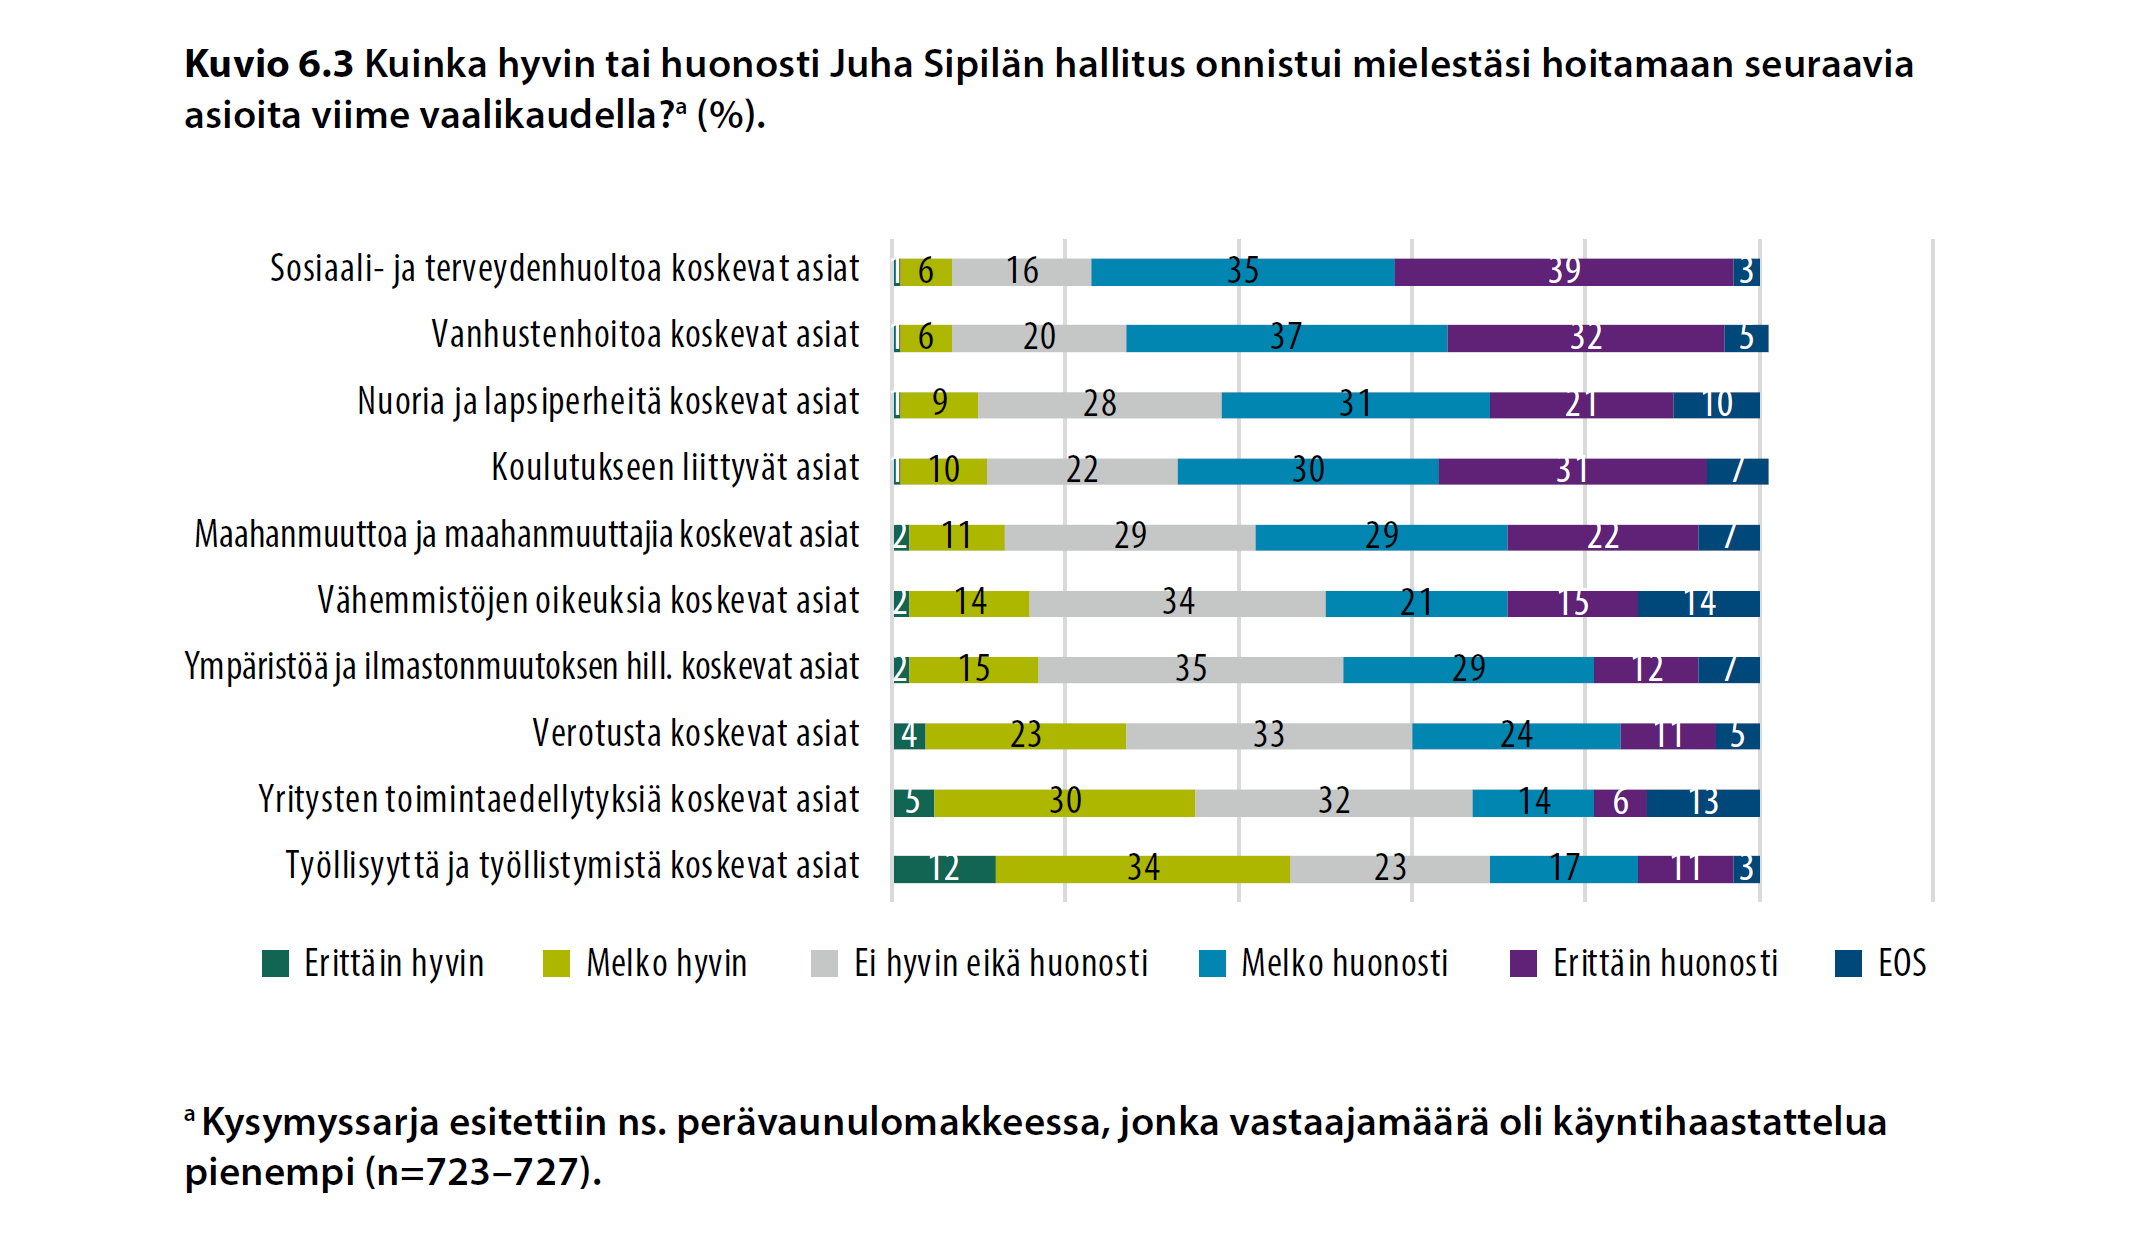 Kuinka hyvin tai huonosti Juha Sipilän hallitus onnistui mielestäsi hoitamaan seuraavia asioita viime vaalikaudella?(%)